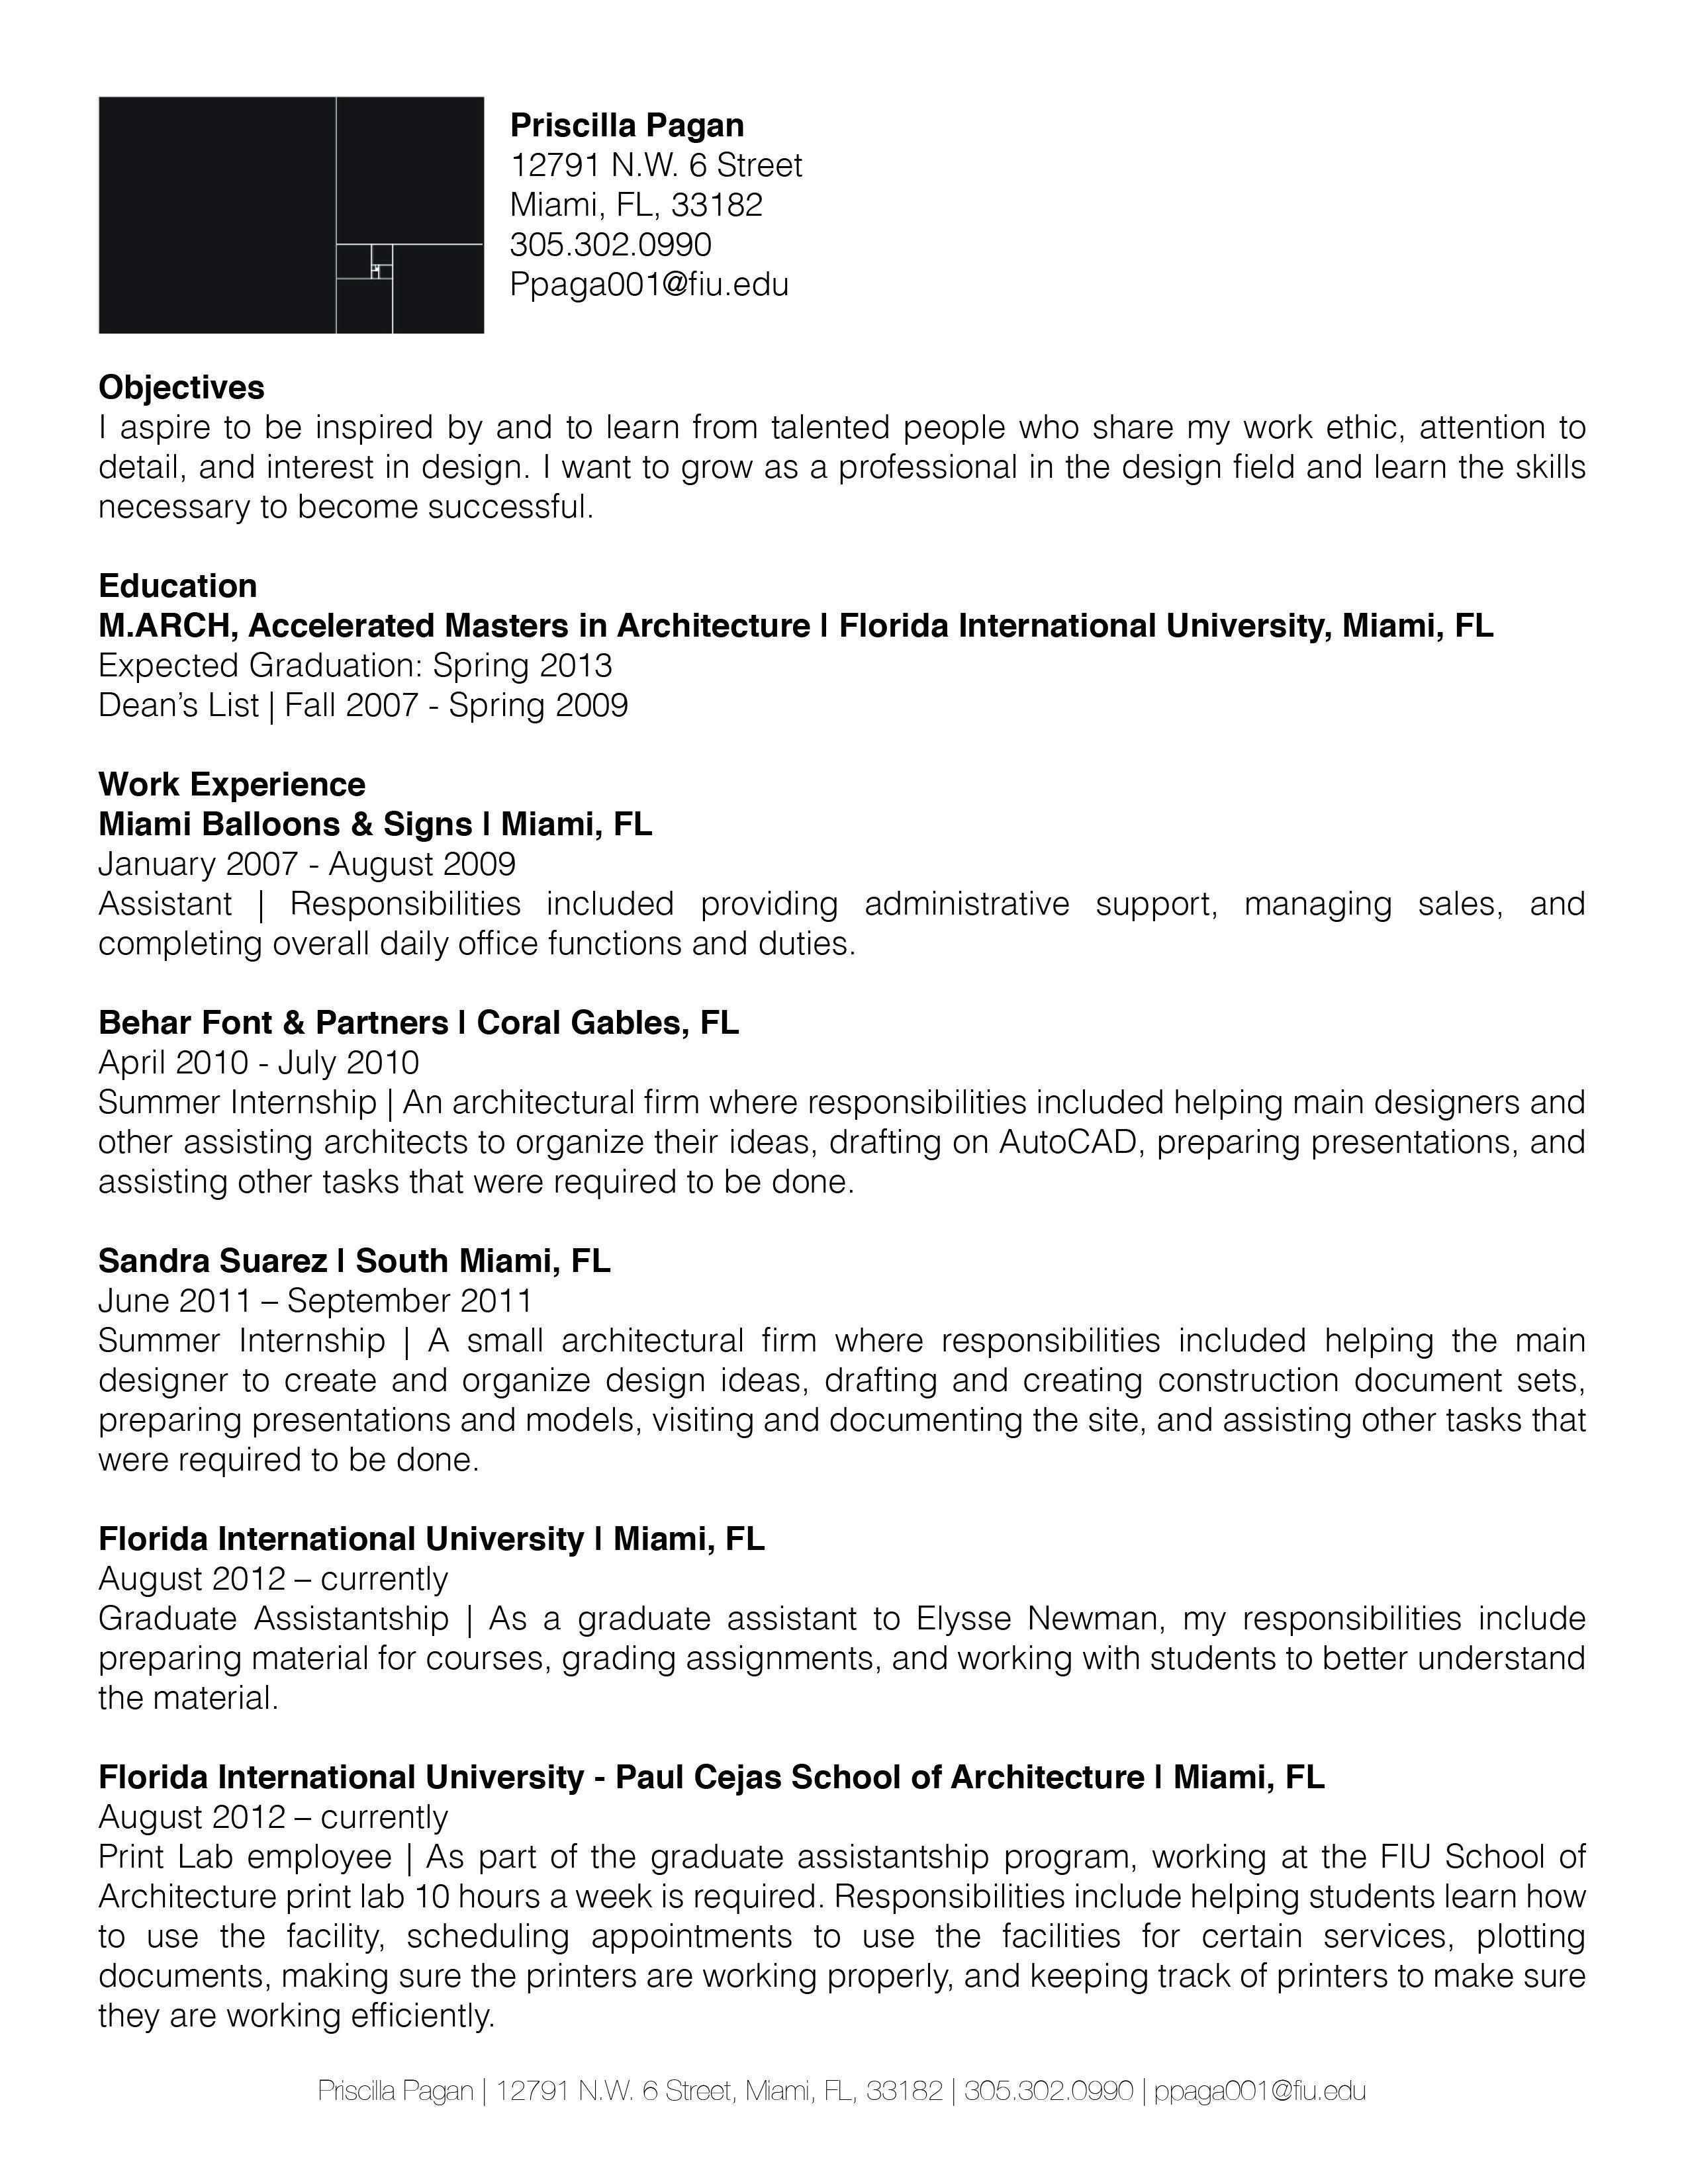 Curriculum Vitae Assignment Curriculum Vitae Curriculum Learning